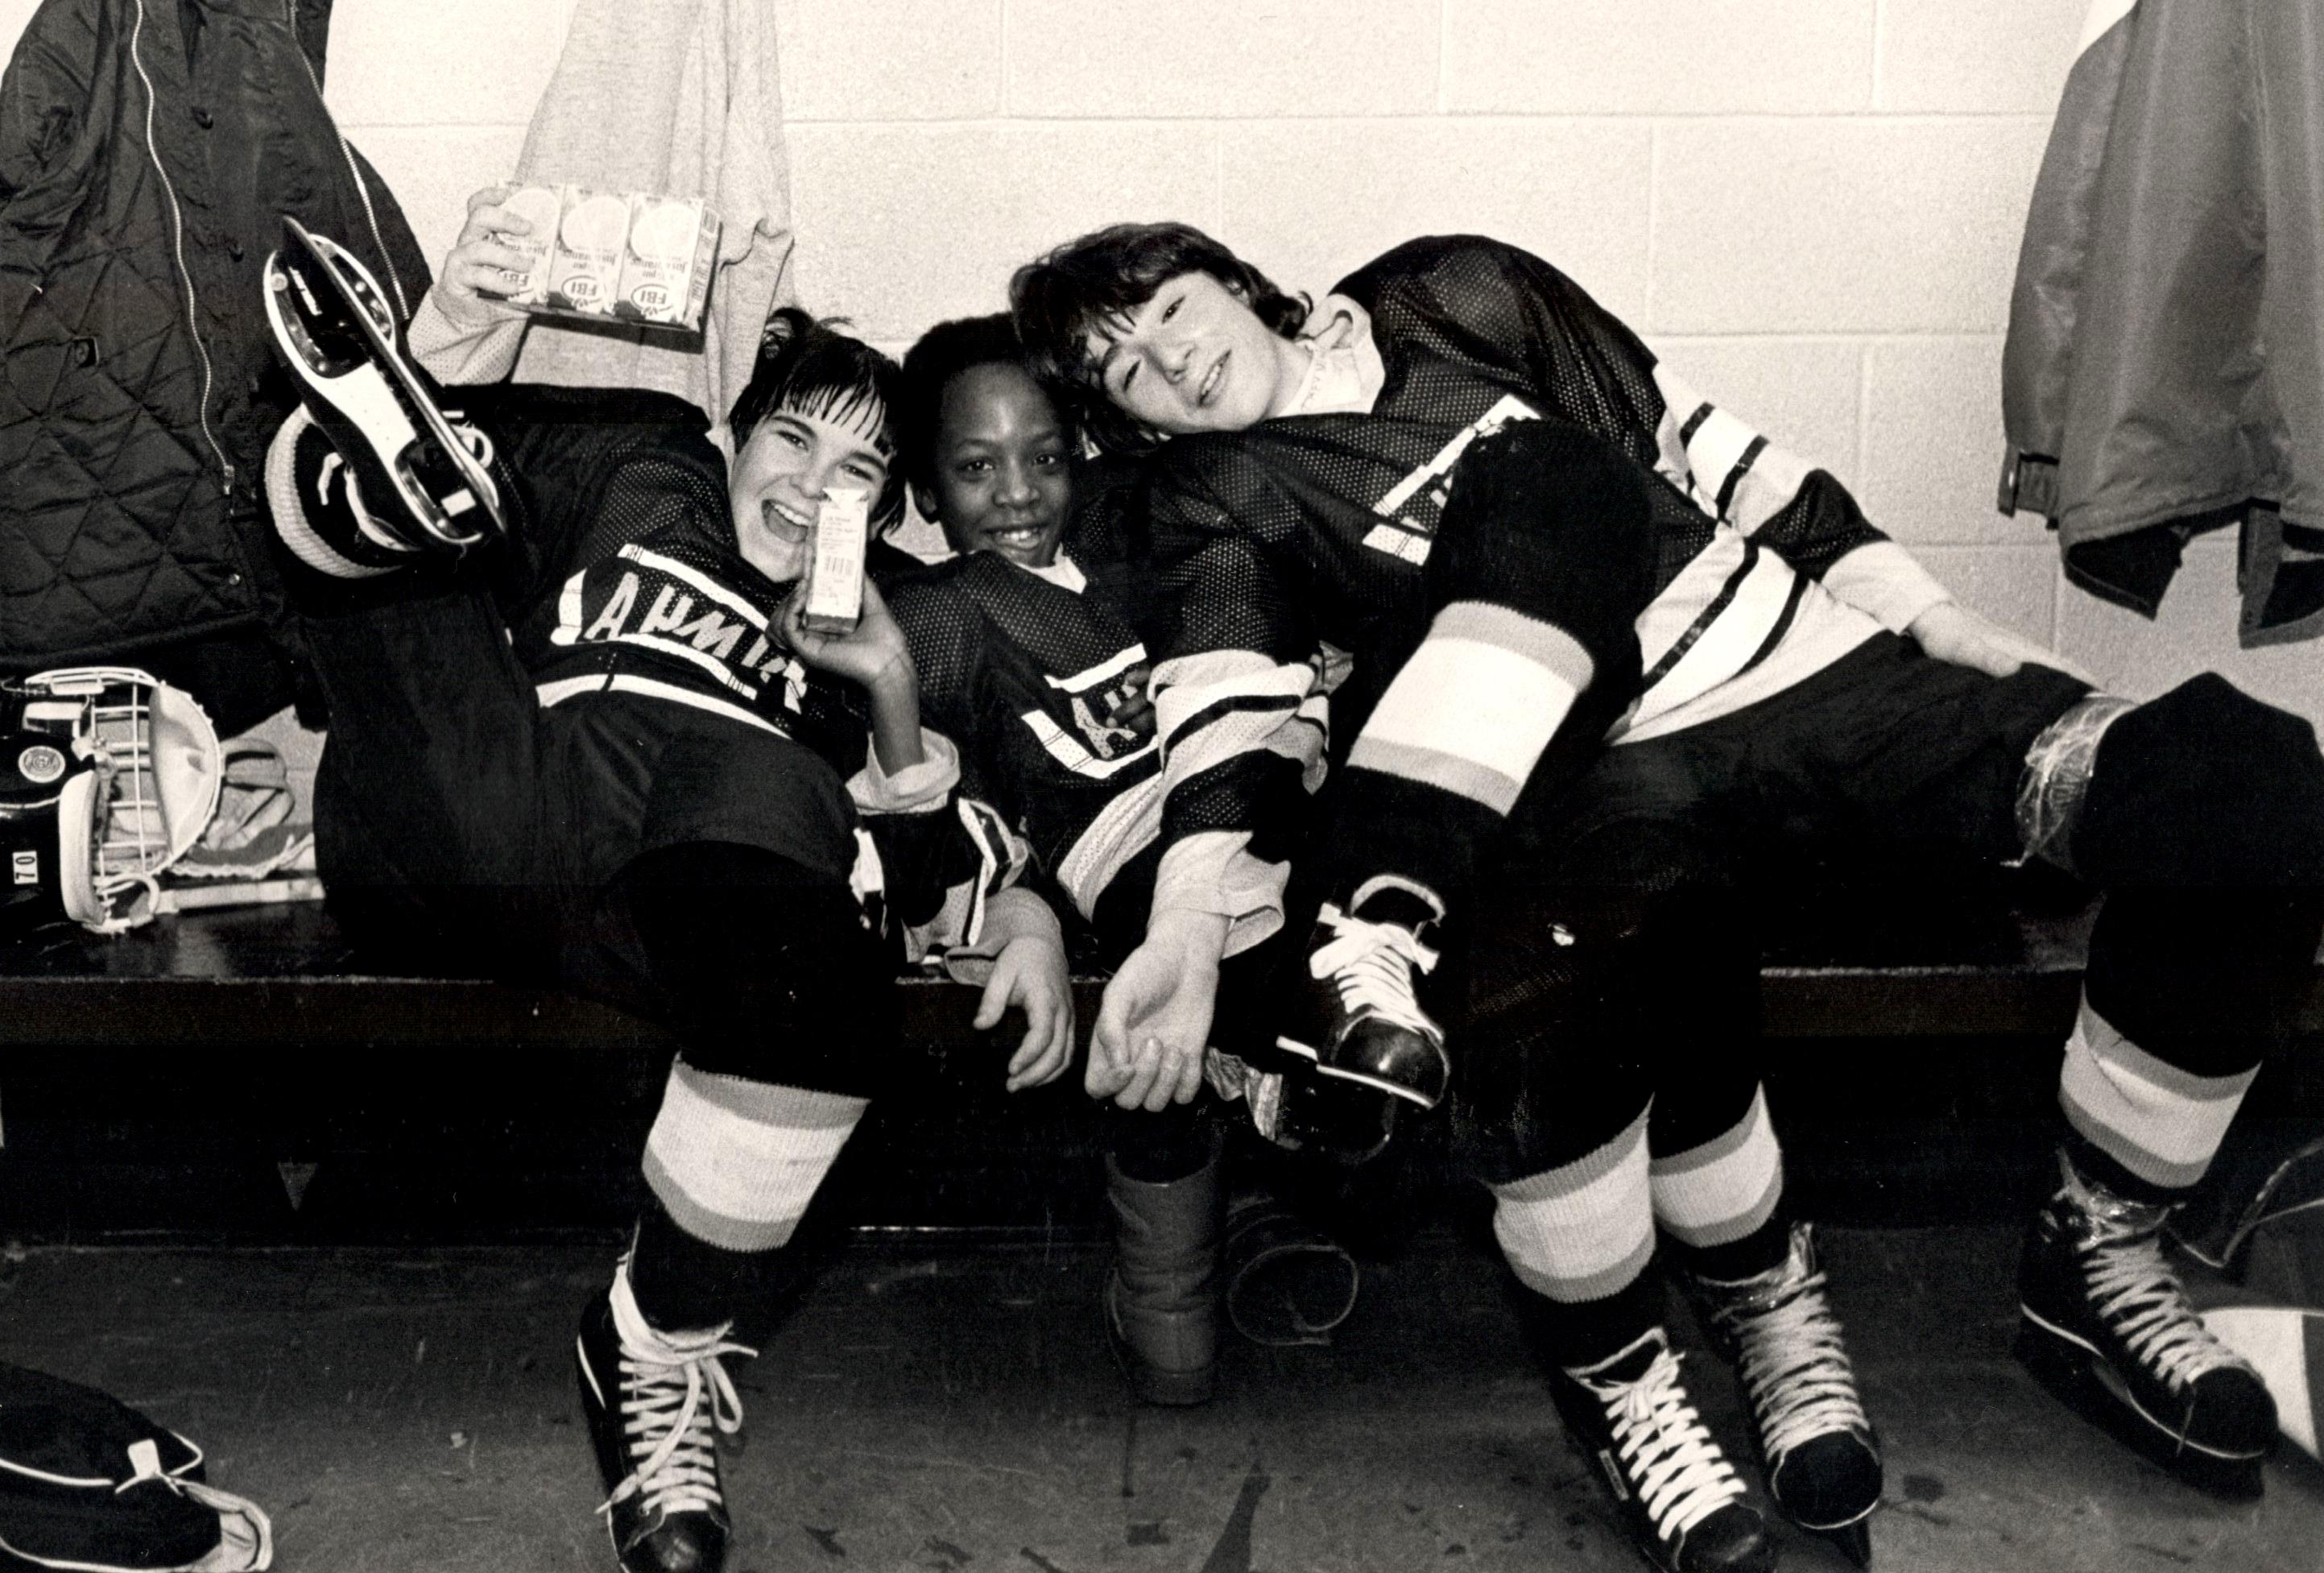 Trois jeunes hockeyeurs sont assis collés un sur l'autre sur un banc.